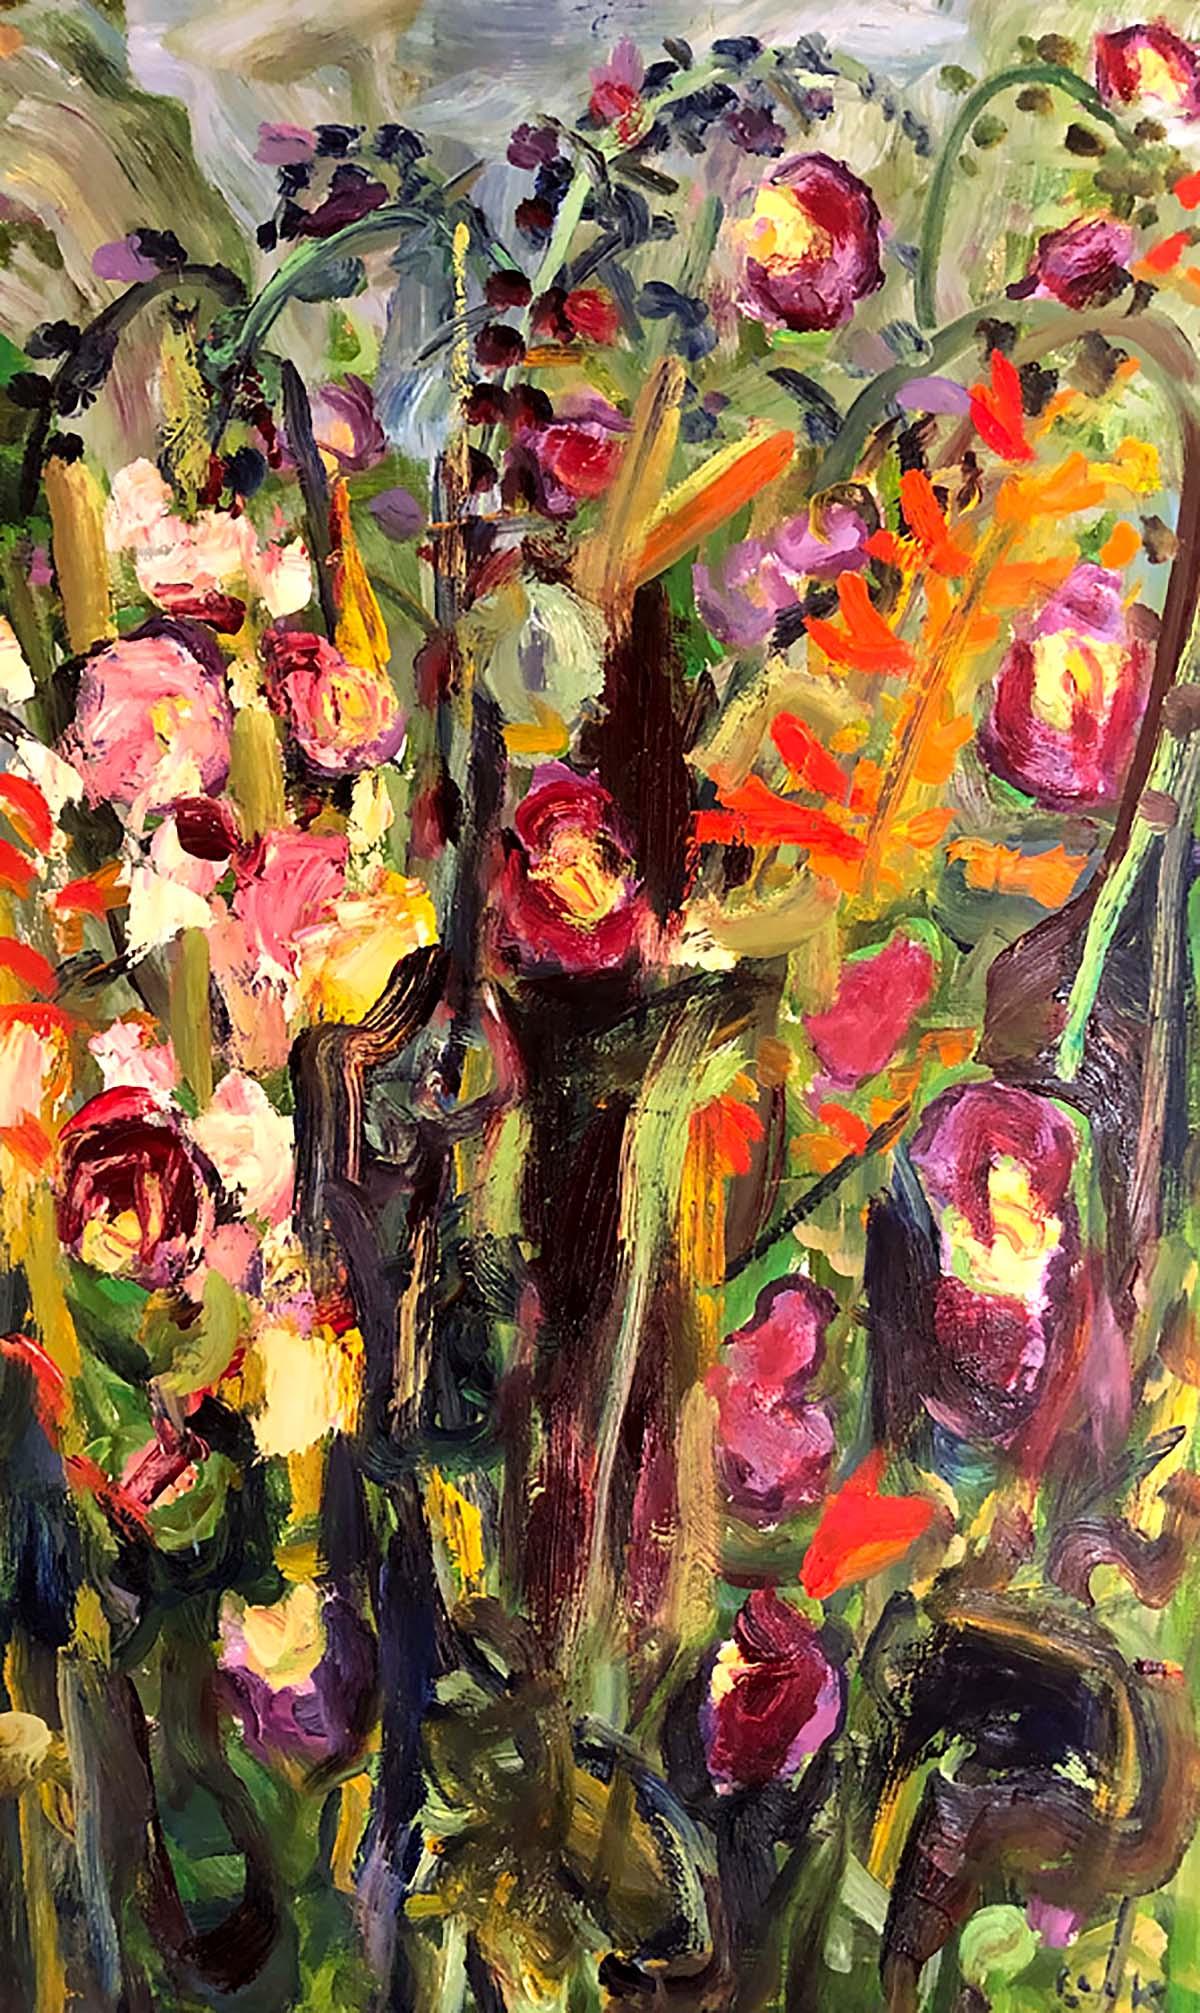 David Mackie Cook, 'Artist's Garden Autumn II' oil on panel